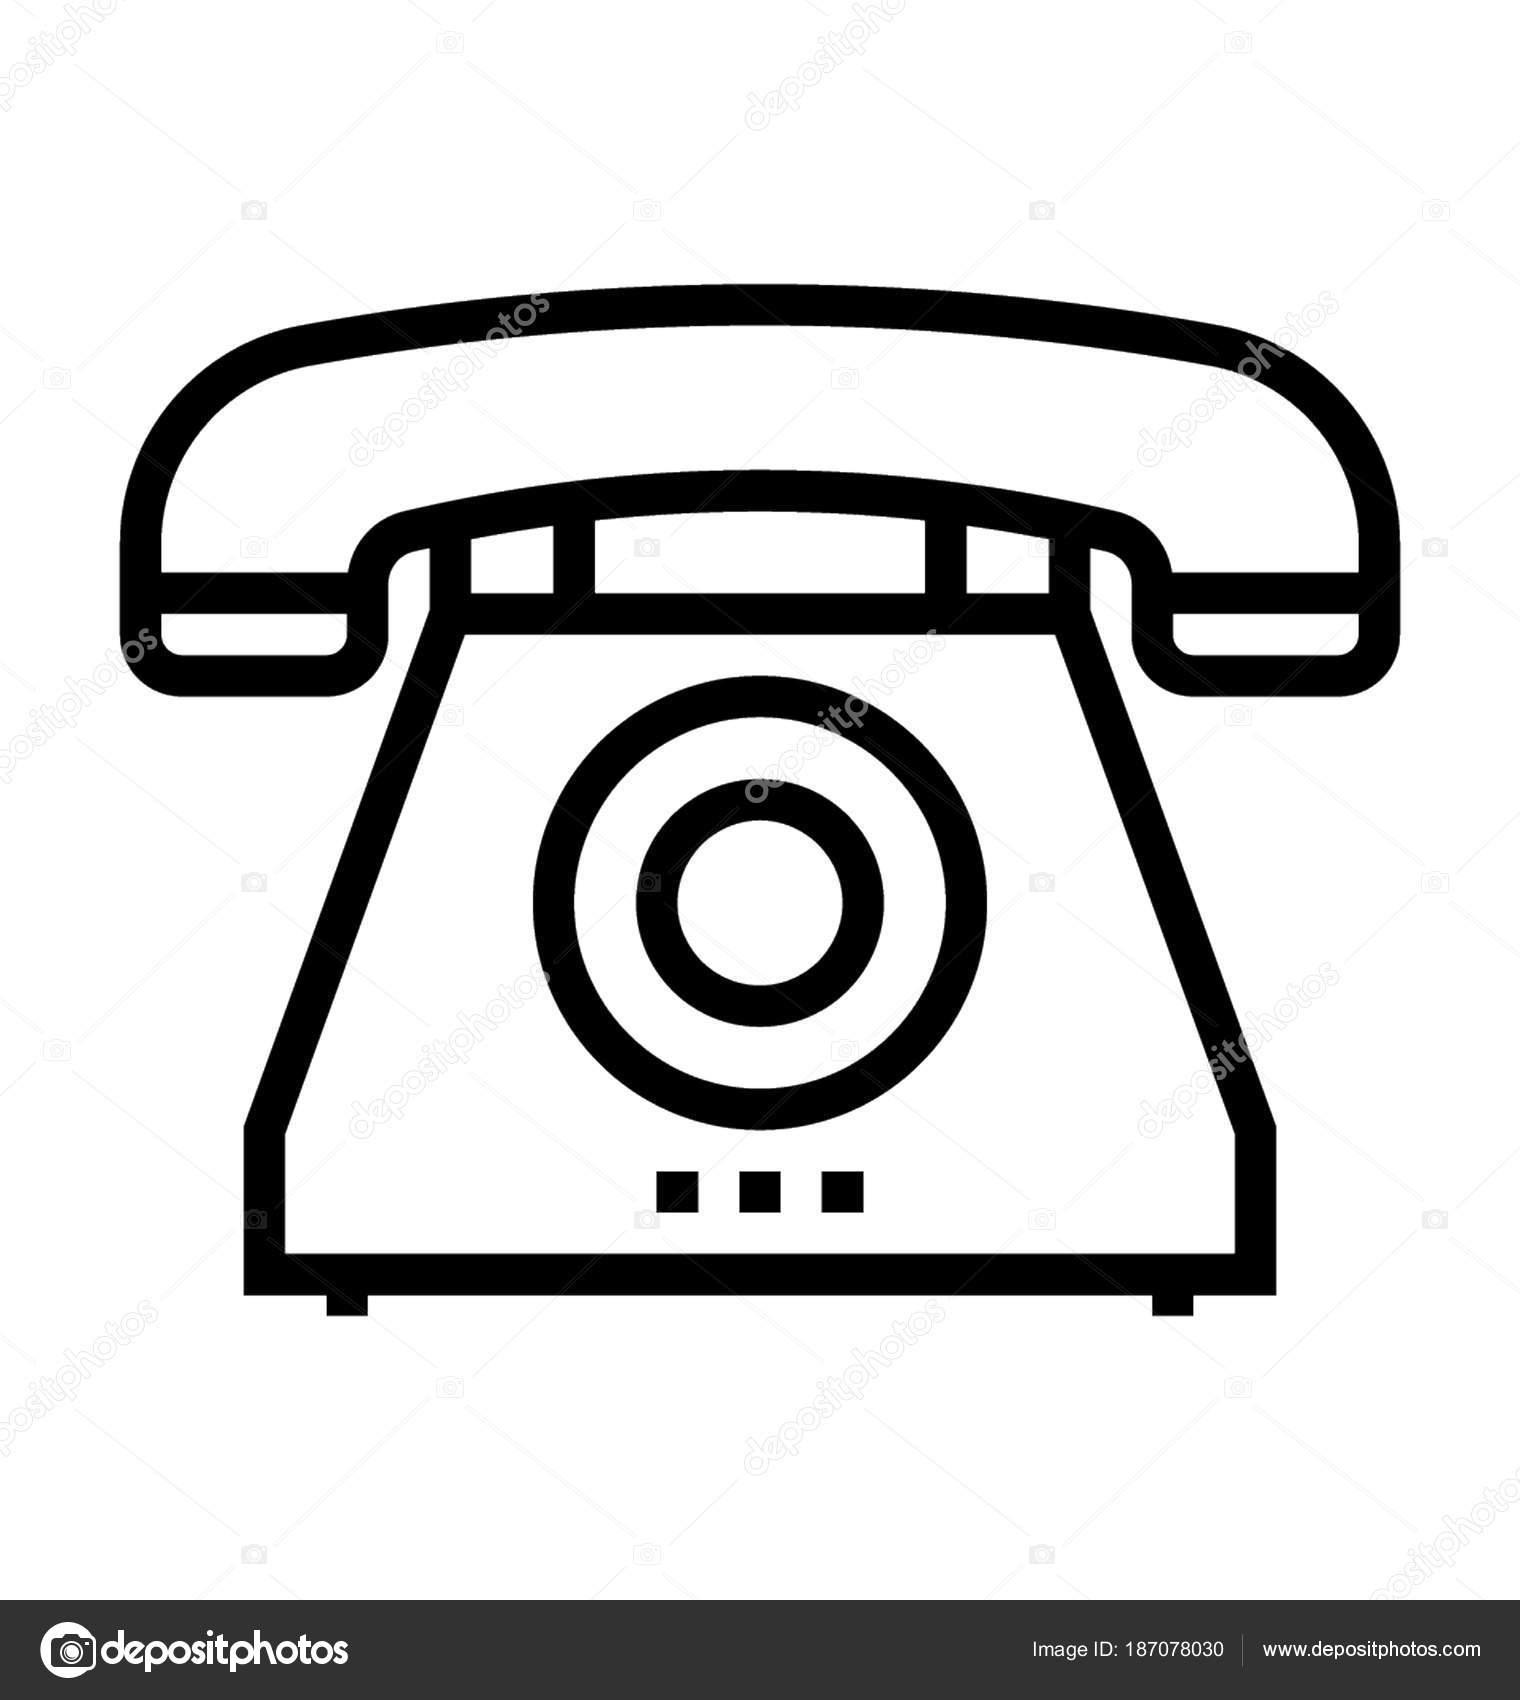 retro telephone vector icon stock vector prosymbols 187078030 rh depositphotos com telephone vector eps telephone vector icon